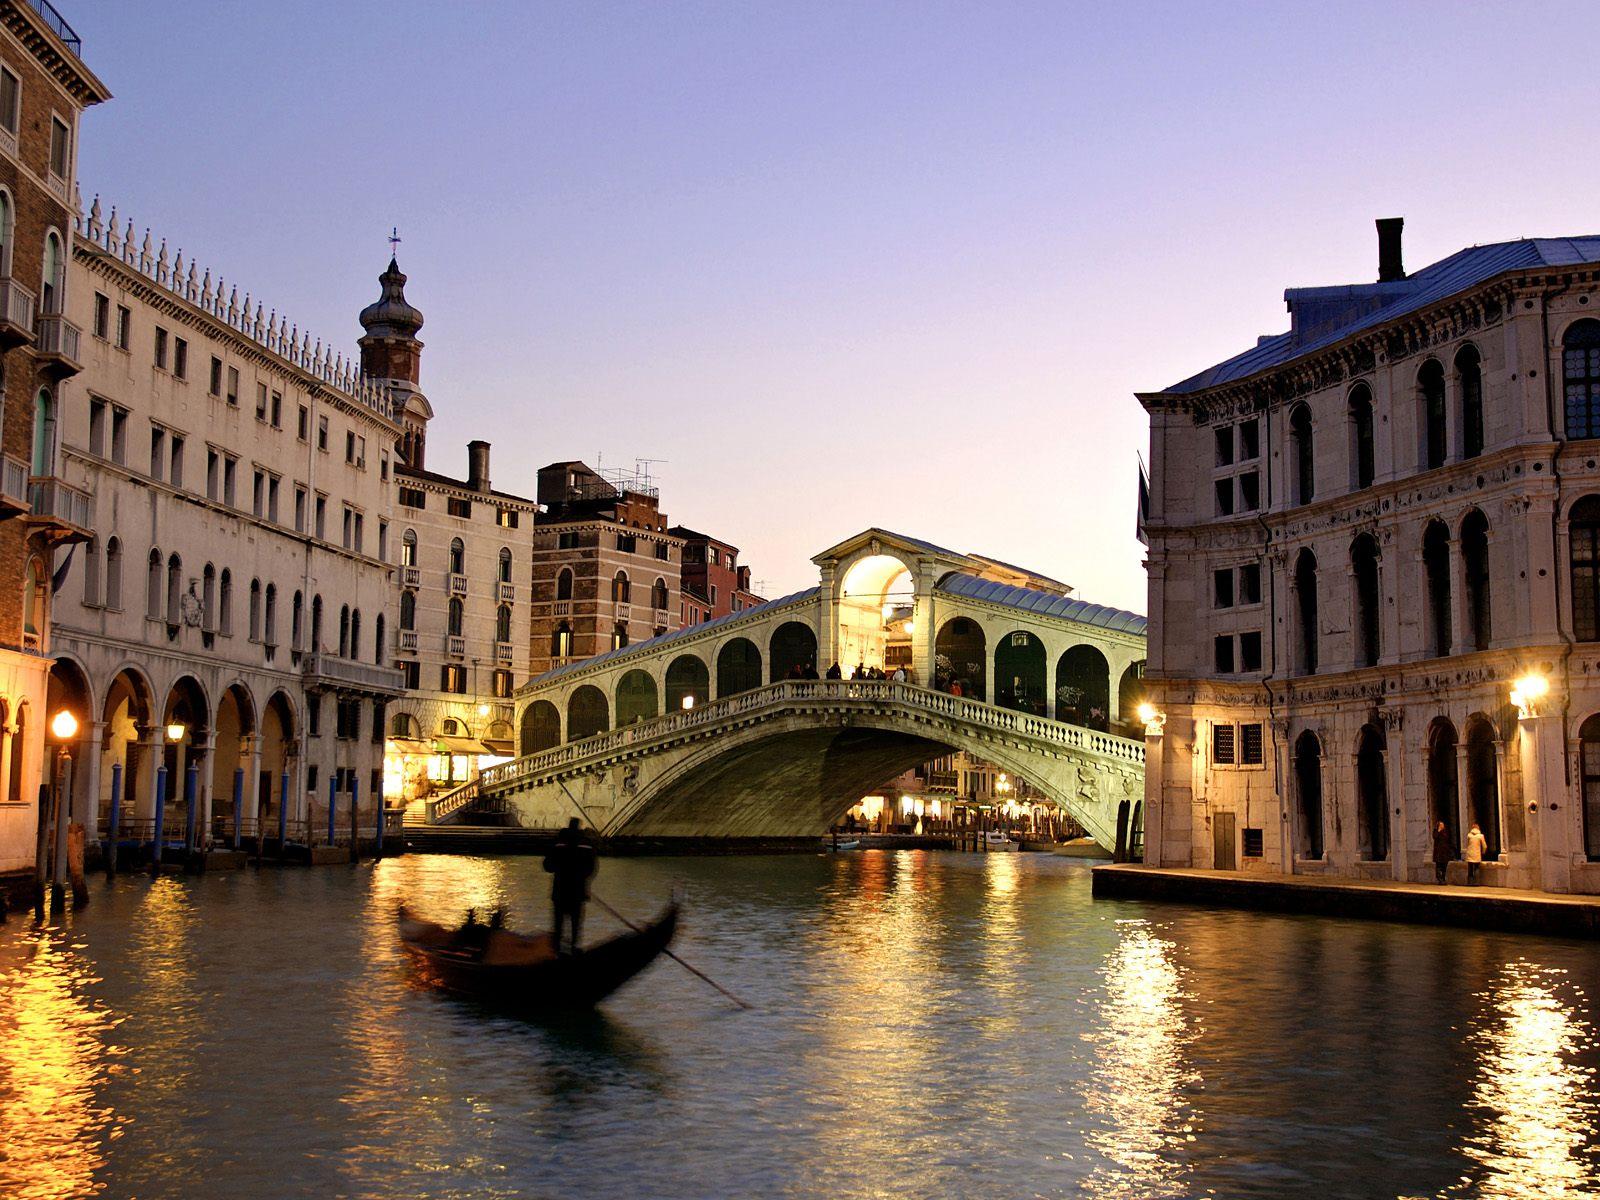 http://3.bp.blogspot.com/-GVbw1VKcNlI/Tcp4Xf_KRkI/AAAAAAAACXo/LRU0RXSRFkQ/s1600/Rialto+Bridge%252C+Grand+Canal%252C+Venice%252C+Italy.jpg